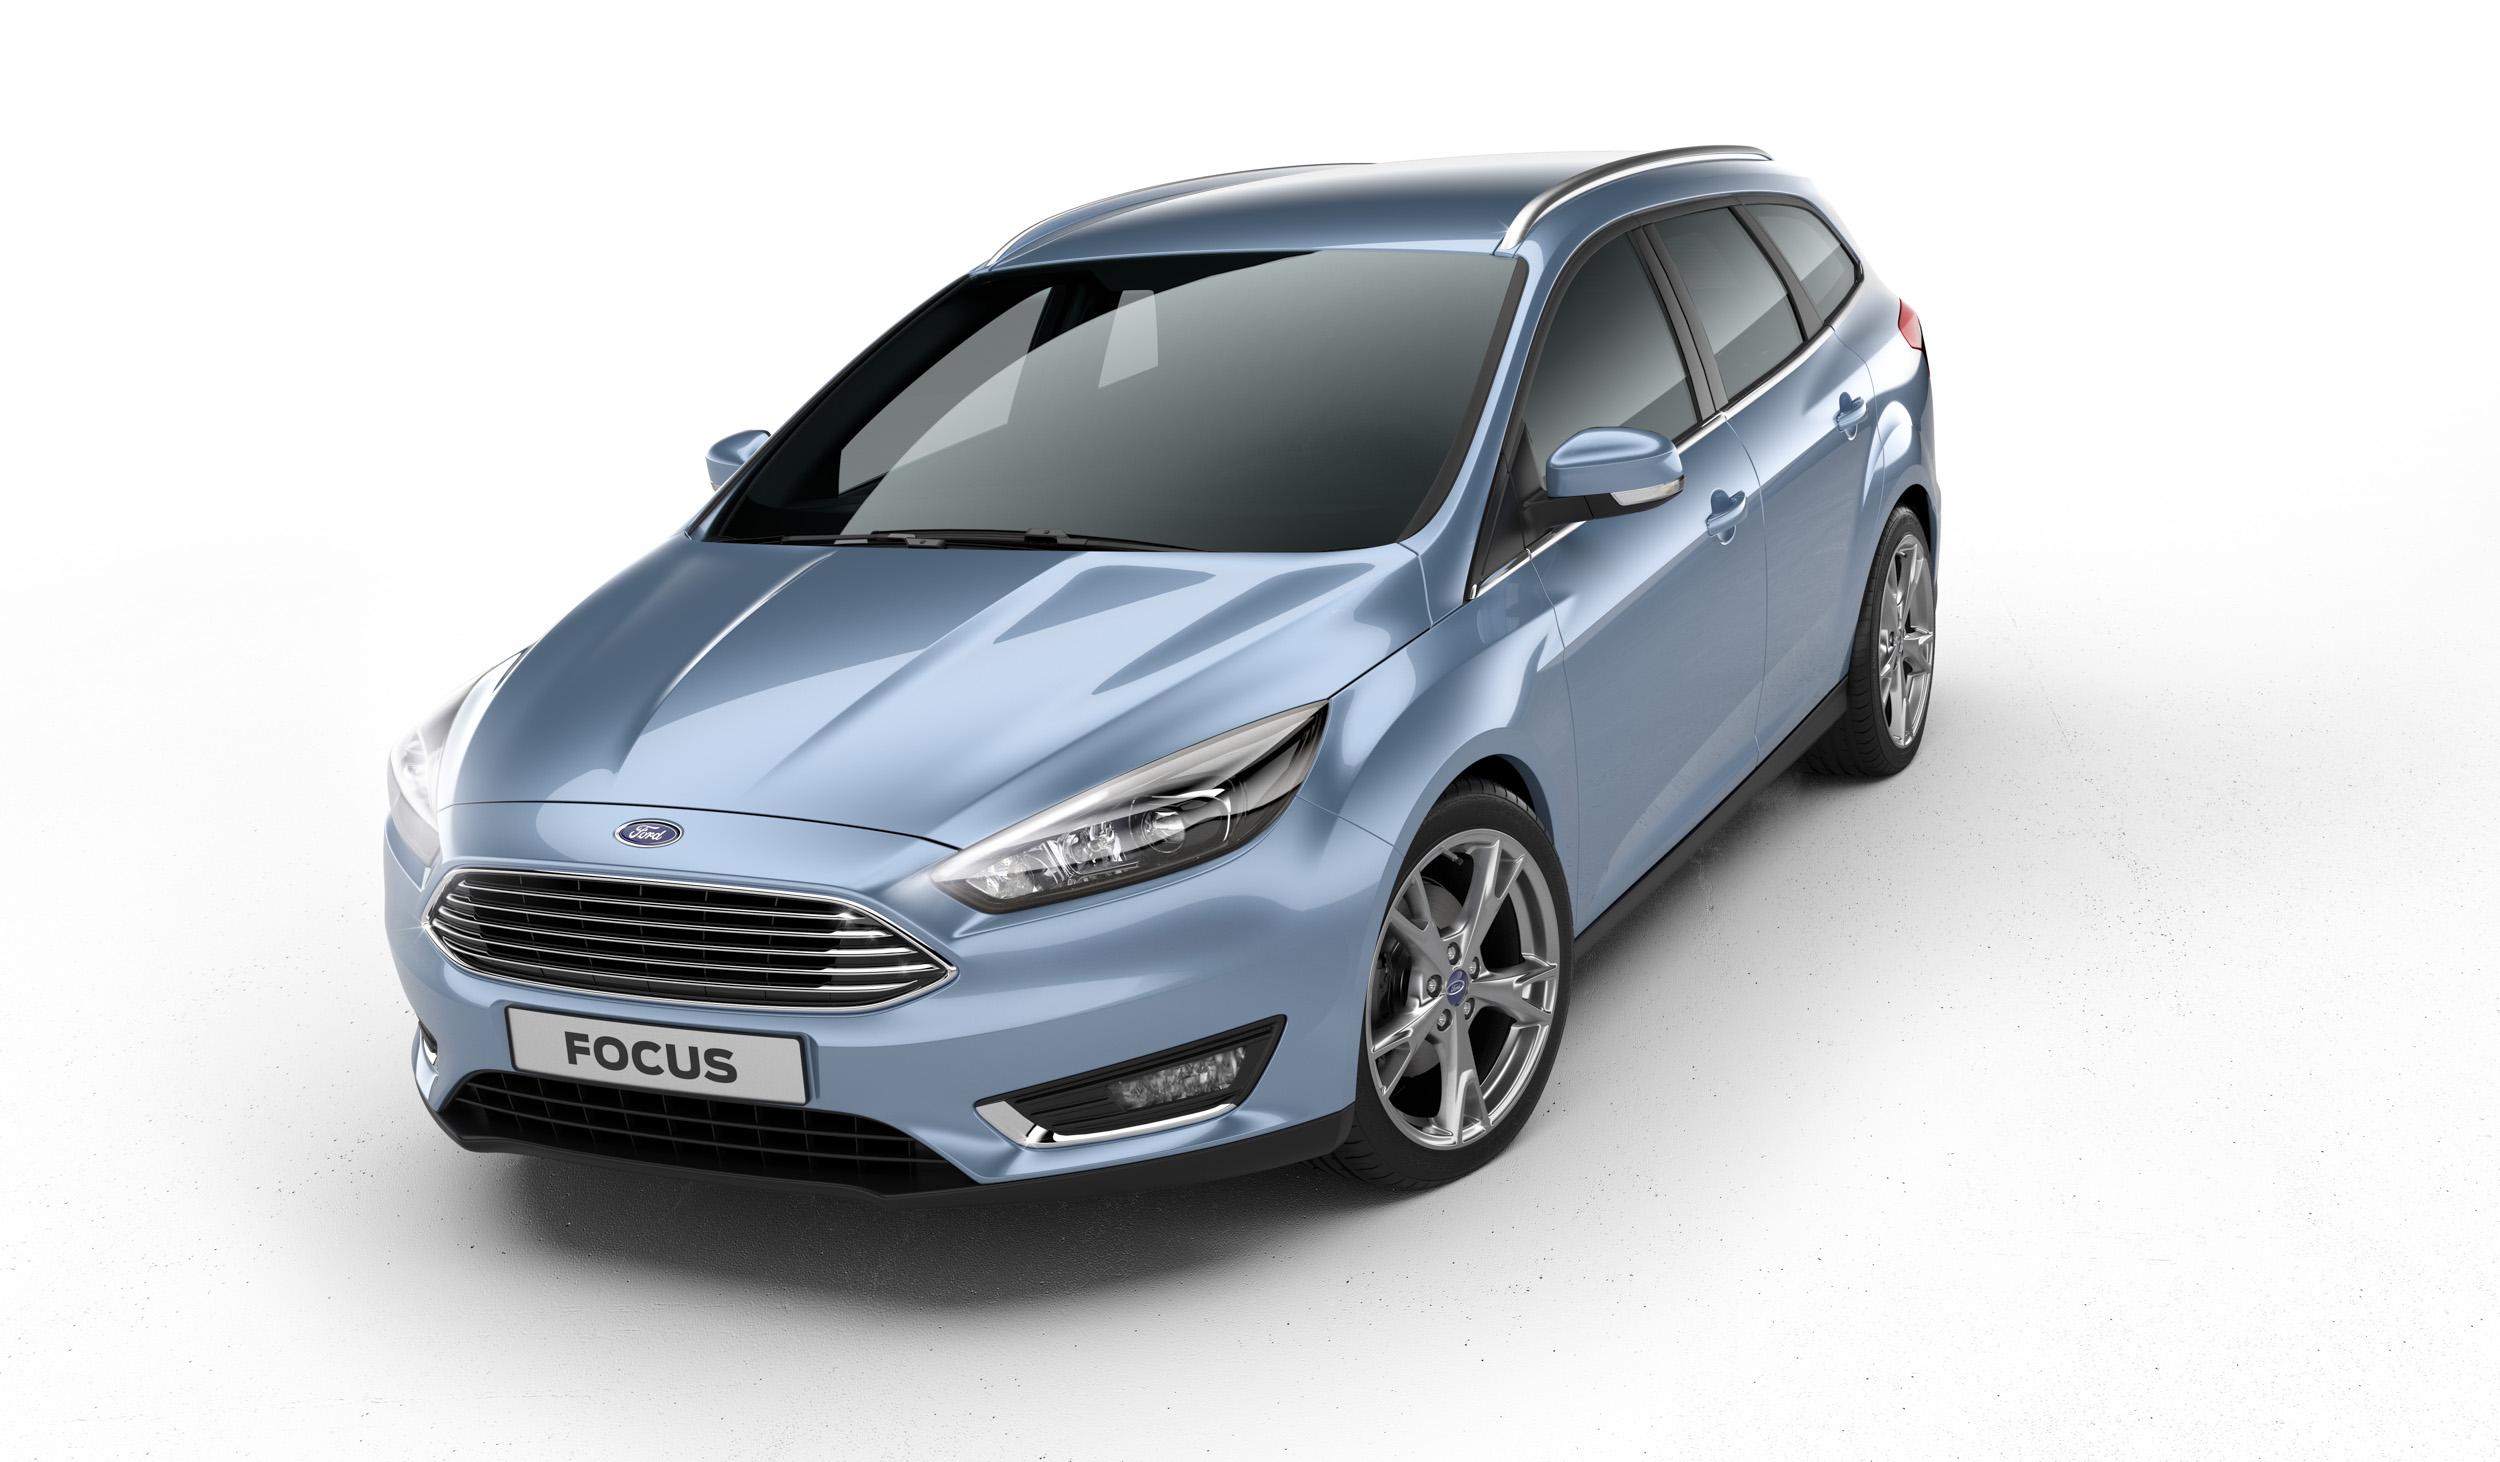 Ford_Focus_Wagon_01.jpg